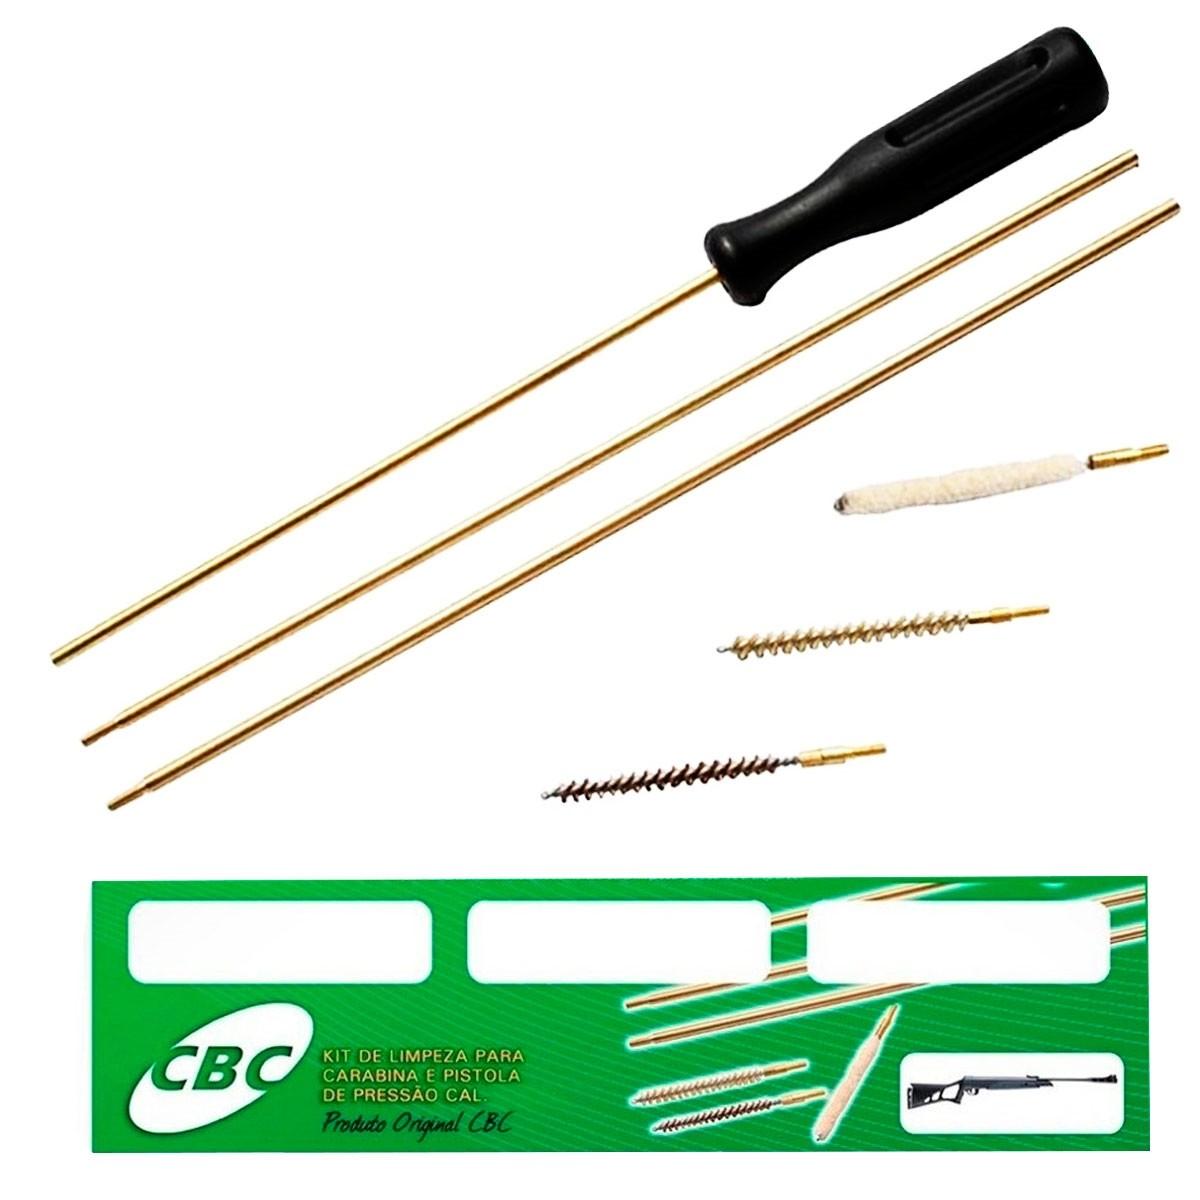 Kit de Limpeza Para Carabina e Pistola de Pressão ou Rifle Cal .22 -  4,5mm/ 5,5mm/ 6mm